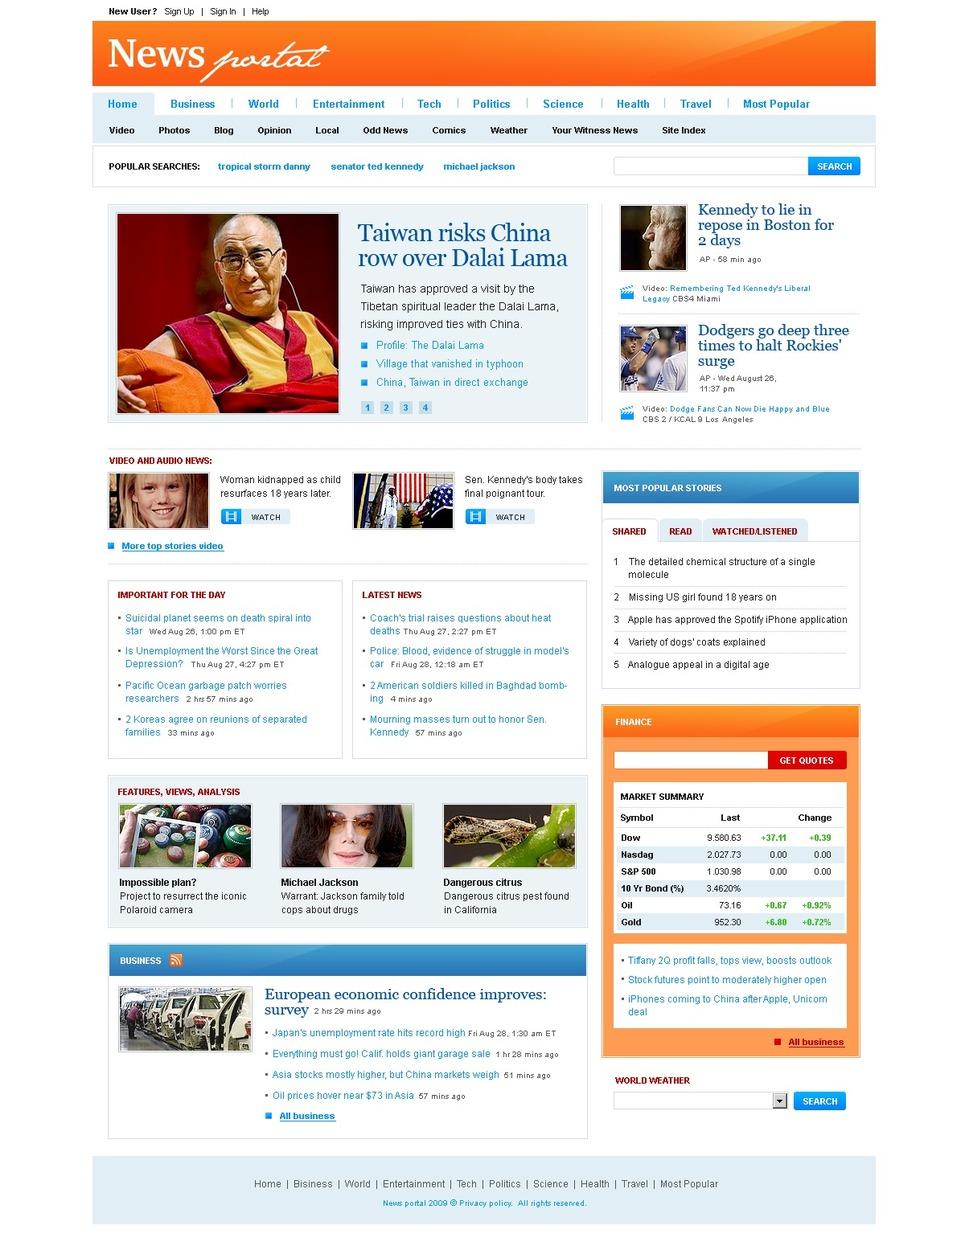 news portal website template 26311. Black Bedroom Furniture Sets. Home Design Ideas